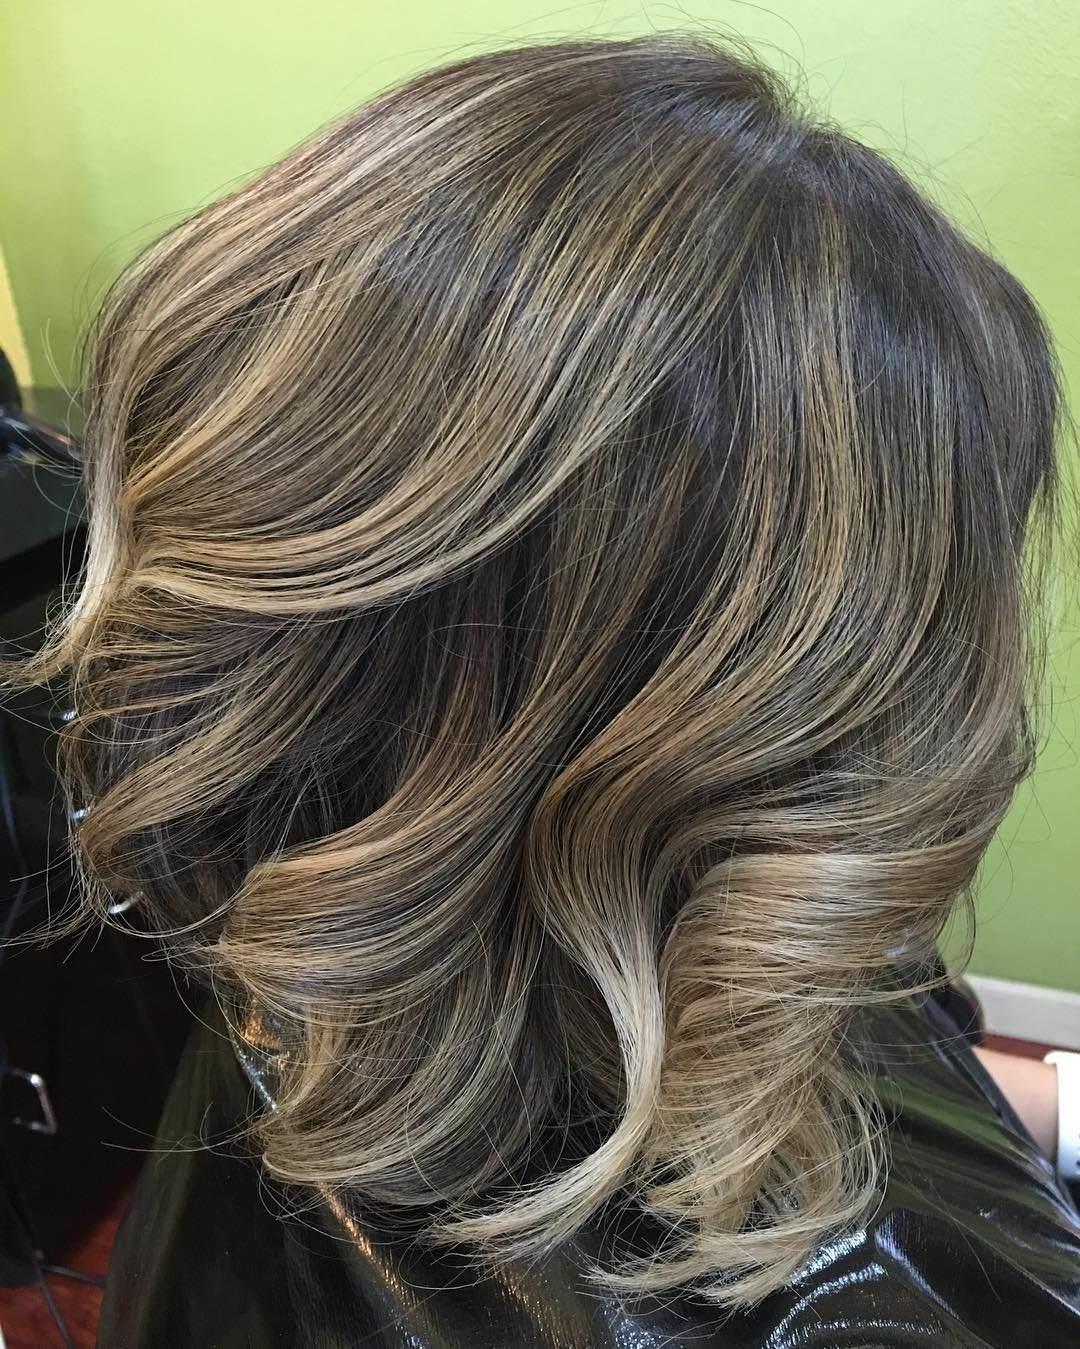 Мелирование волос редкое. мелирование на темные волосы — отличная альтернатива окрашиванию